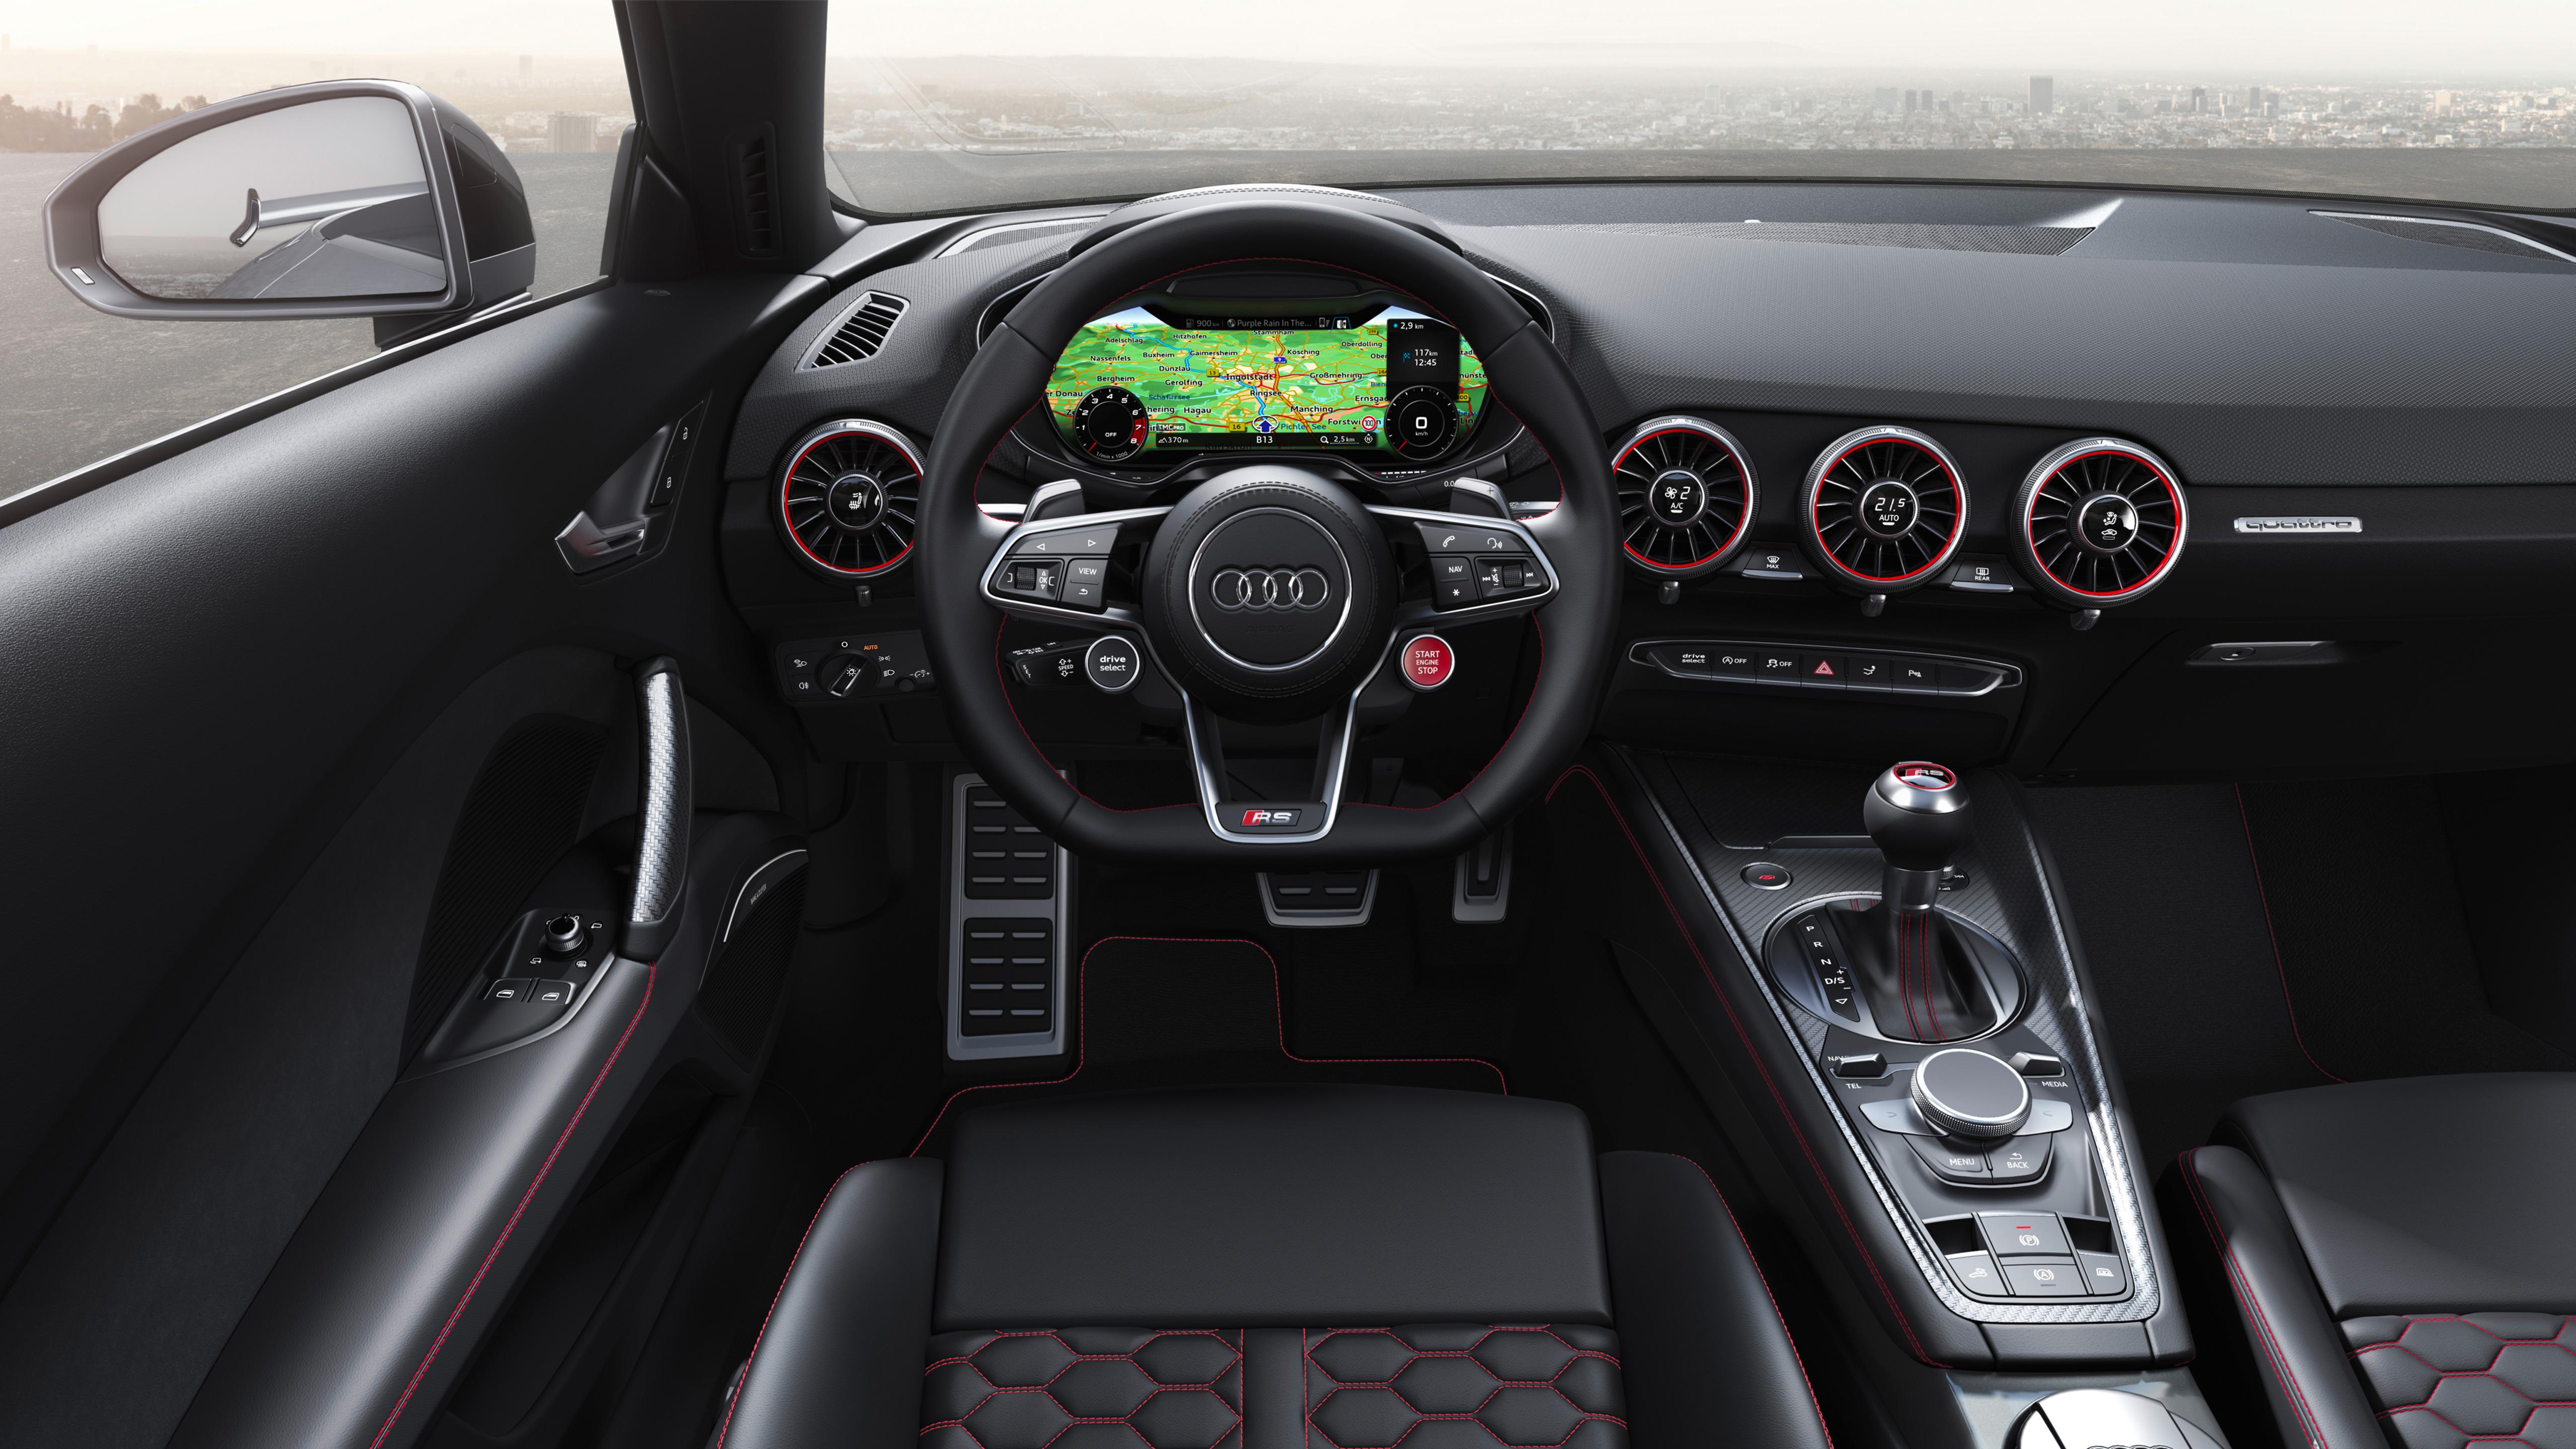 Kekurangan Audi Tt 2019 Spesifikasi